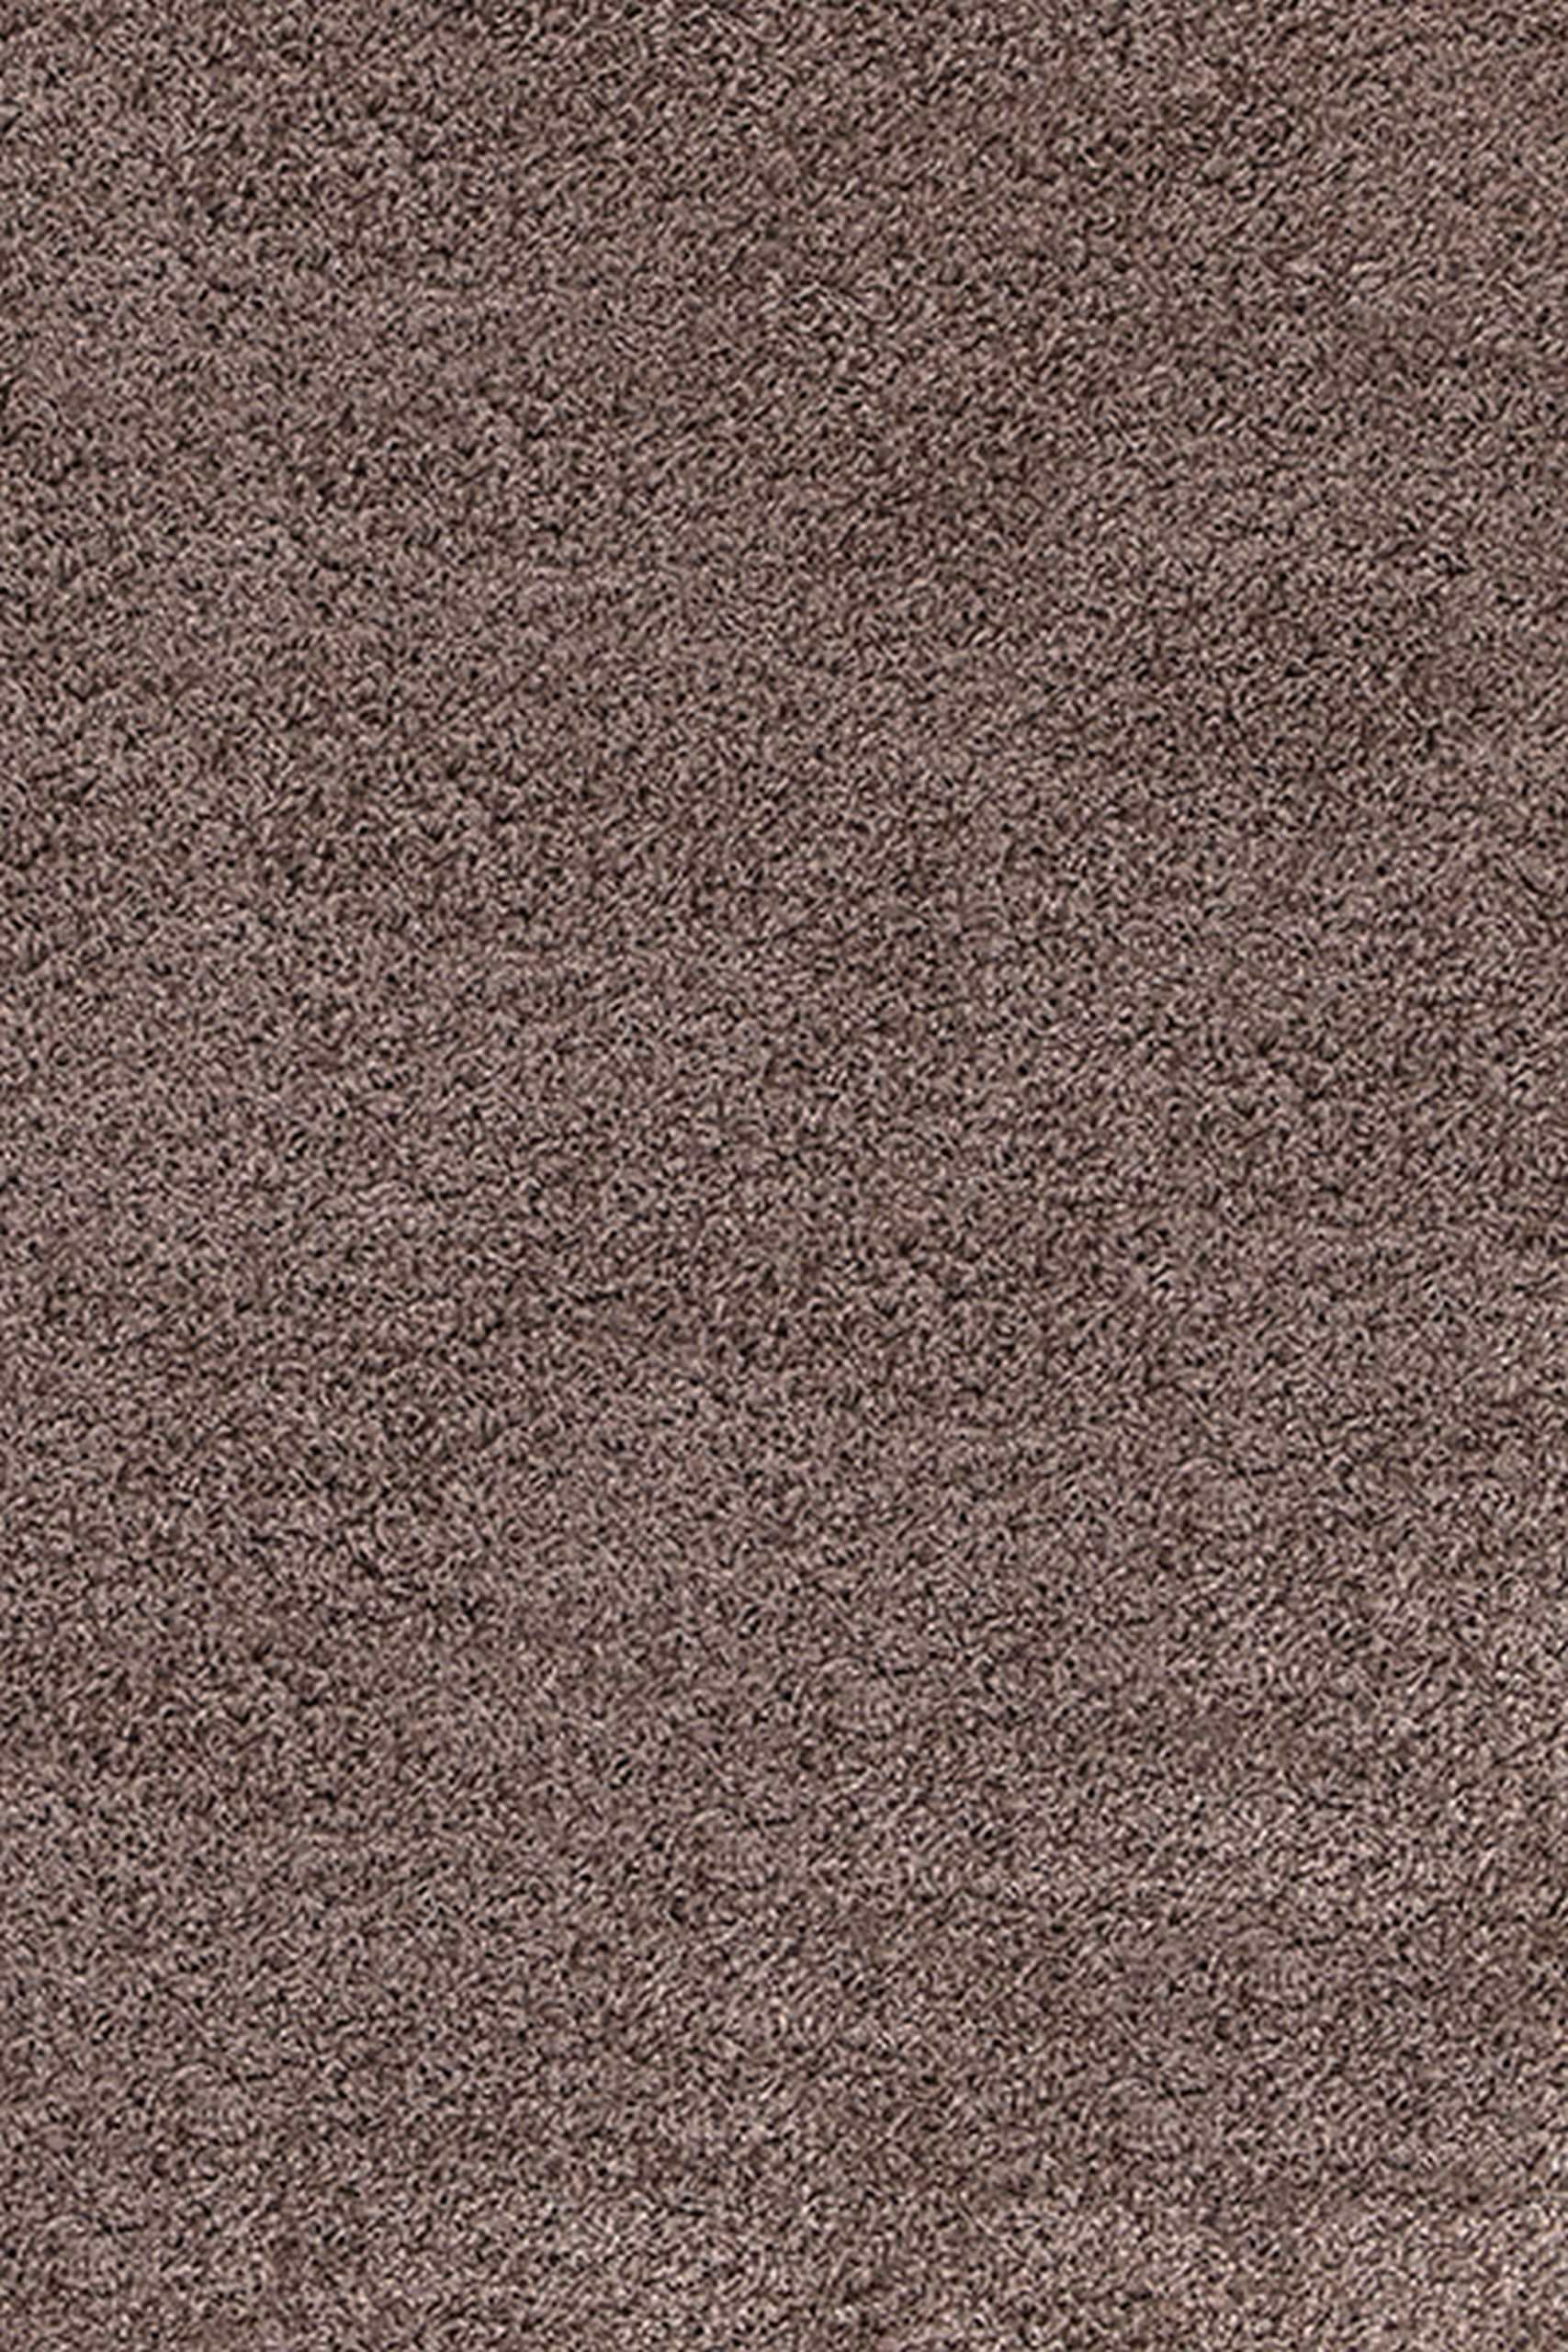 Full Size of Moderner Designer Teppich Life 1500 Esstisch Schlafzimmer Küche Für Steinteppich Bad Badezimmer Wohnzimmer Teppiche Wohnzimmer Teppich 300x400